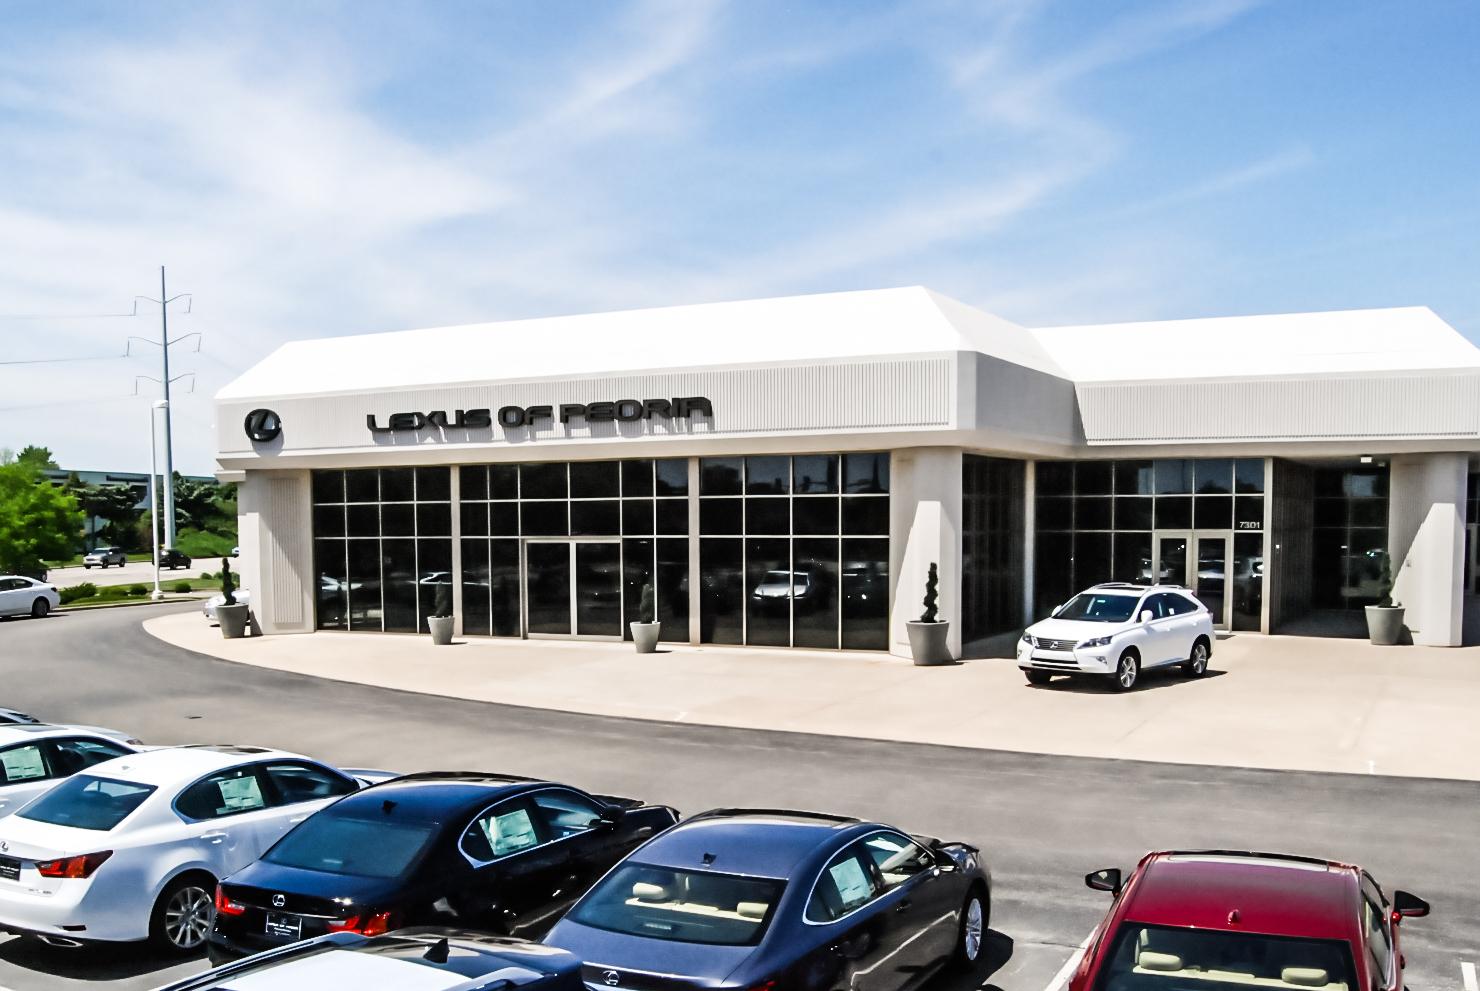 Lexus Of Peoria 7301 N Allen Rd Peoria Il 61614 Yp Com